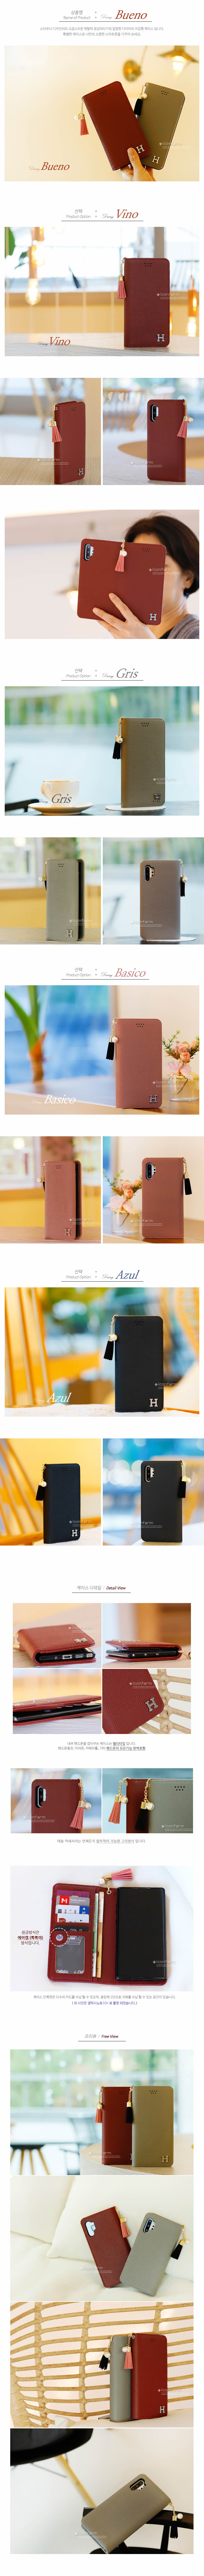 LG G7 (LG G710) Buano-T 지갑 다이어리 케이스 - 아이콘팜, 23,550원, 케이스, G7